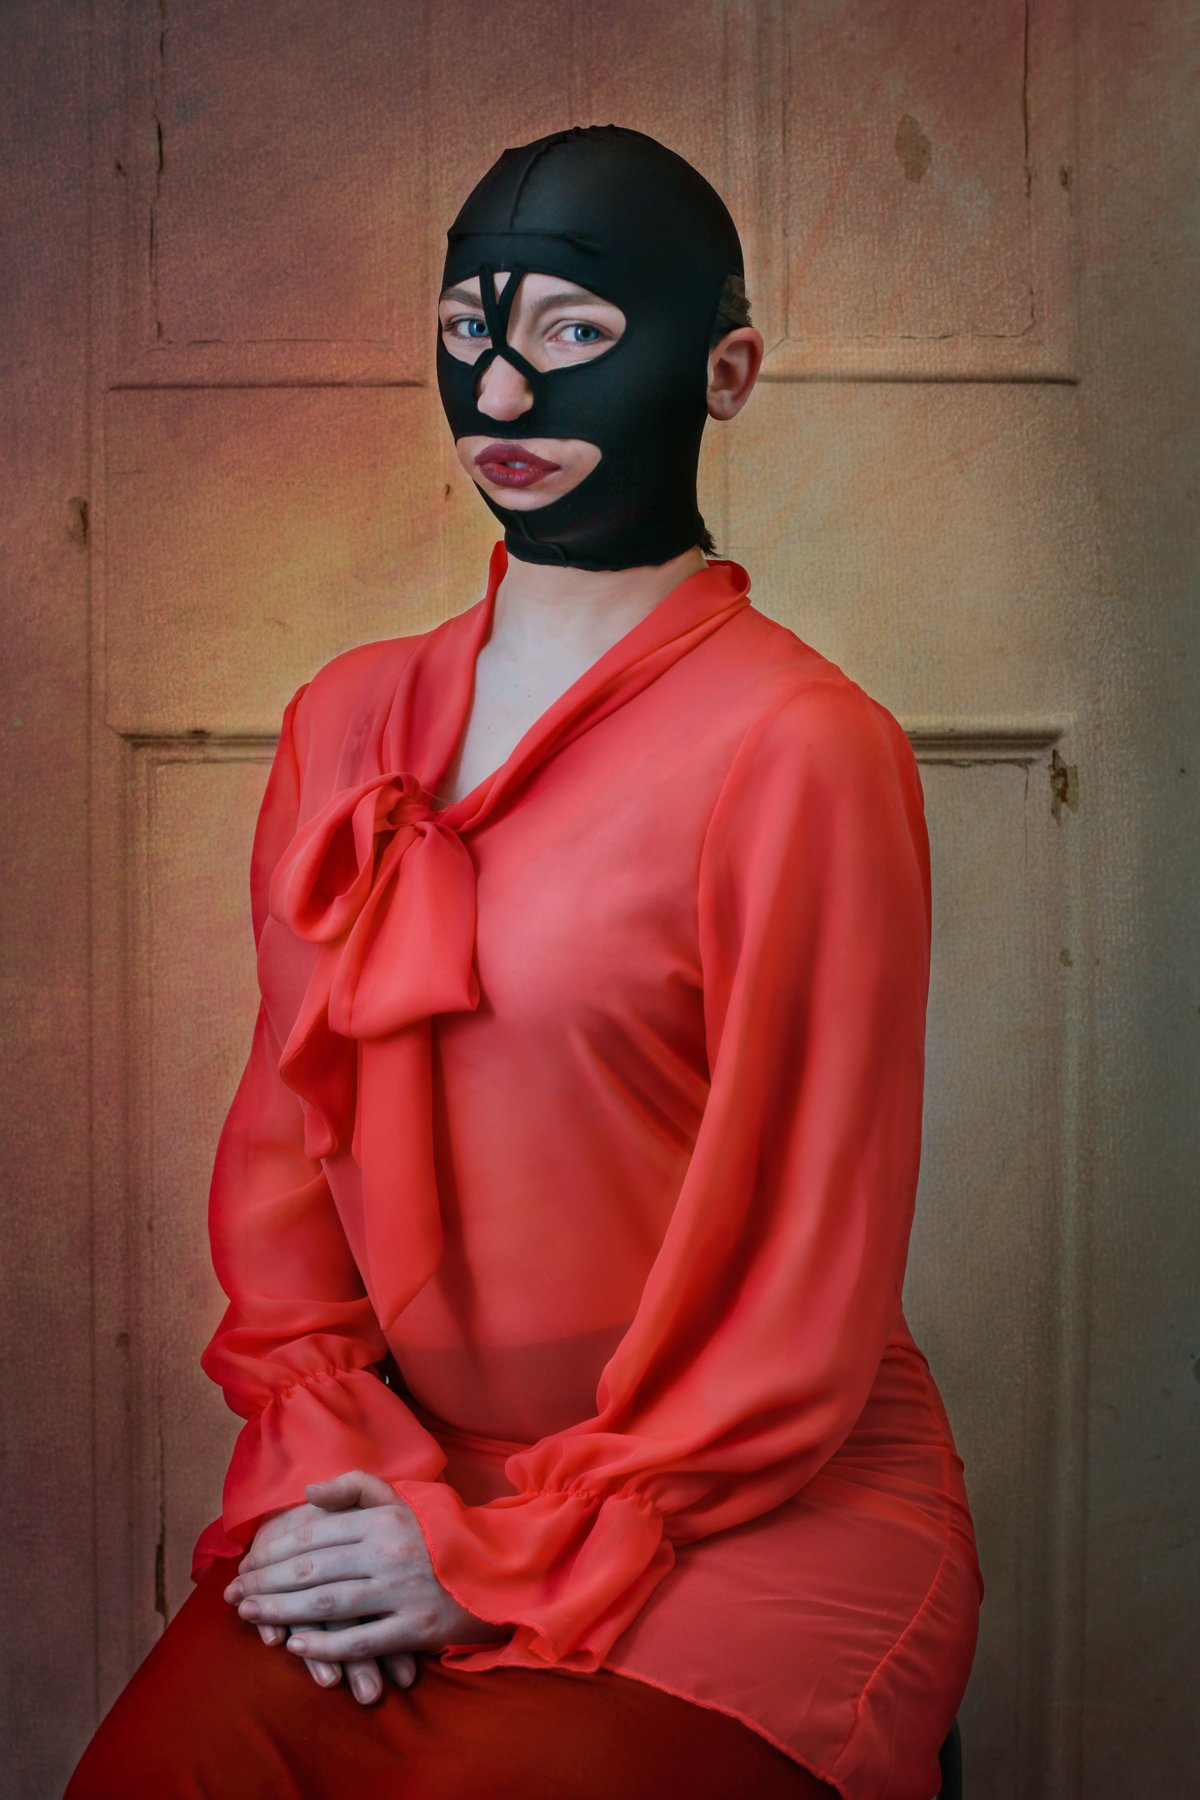 """14 fotos perturbadoras mostram as coisas bizarras que uma mulher usa para ficar """"linda"""" 07"""